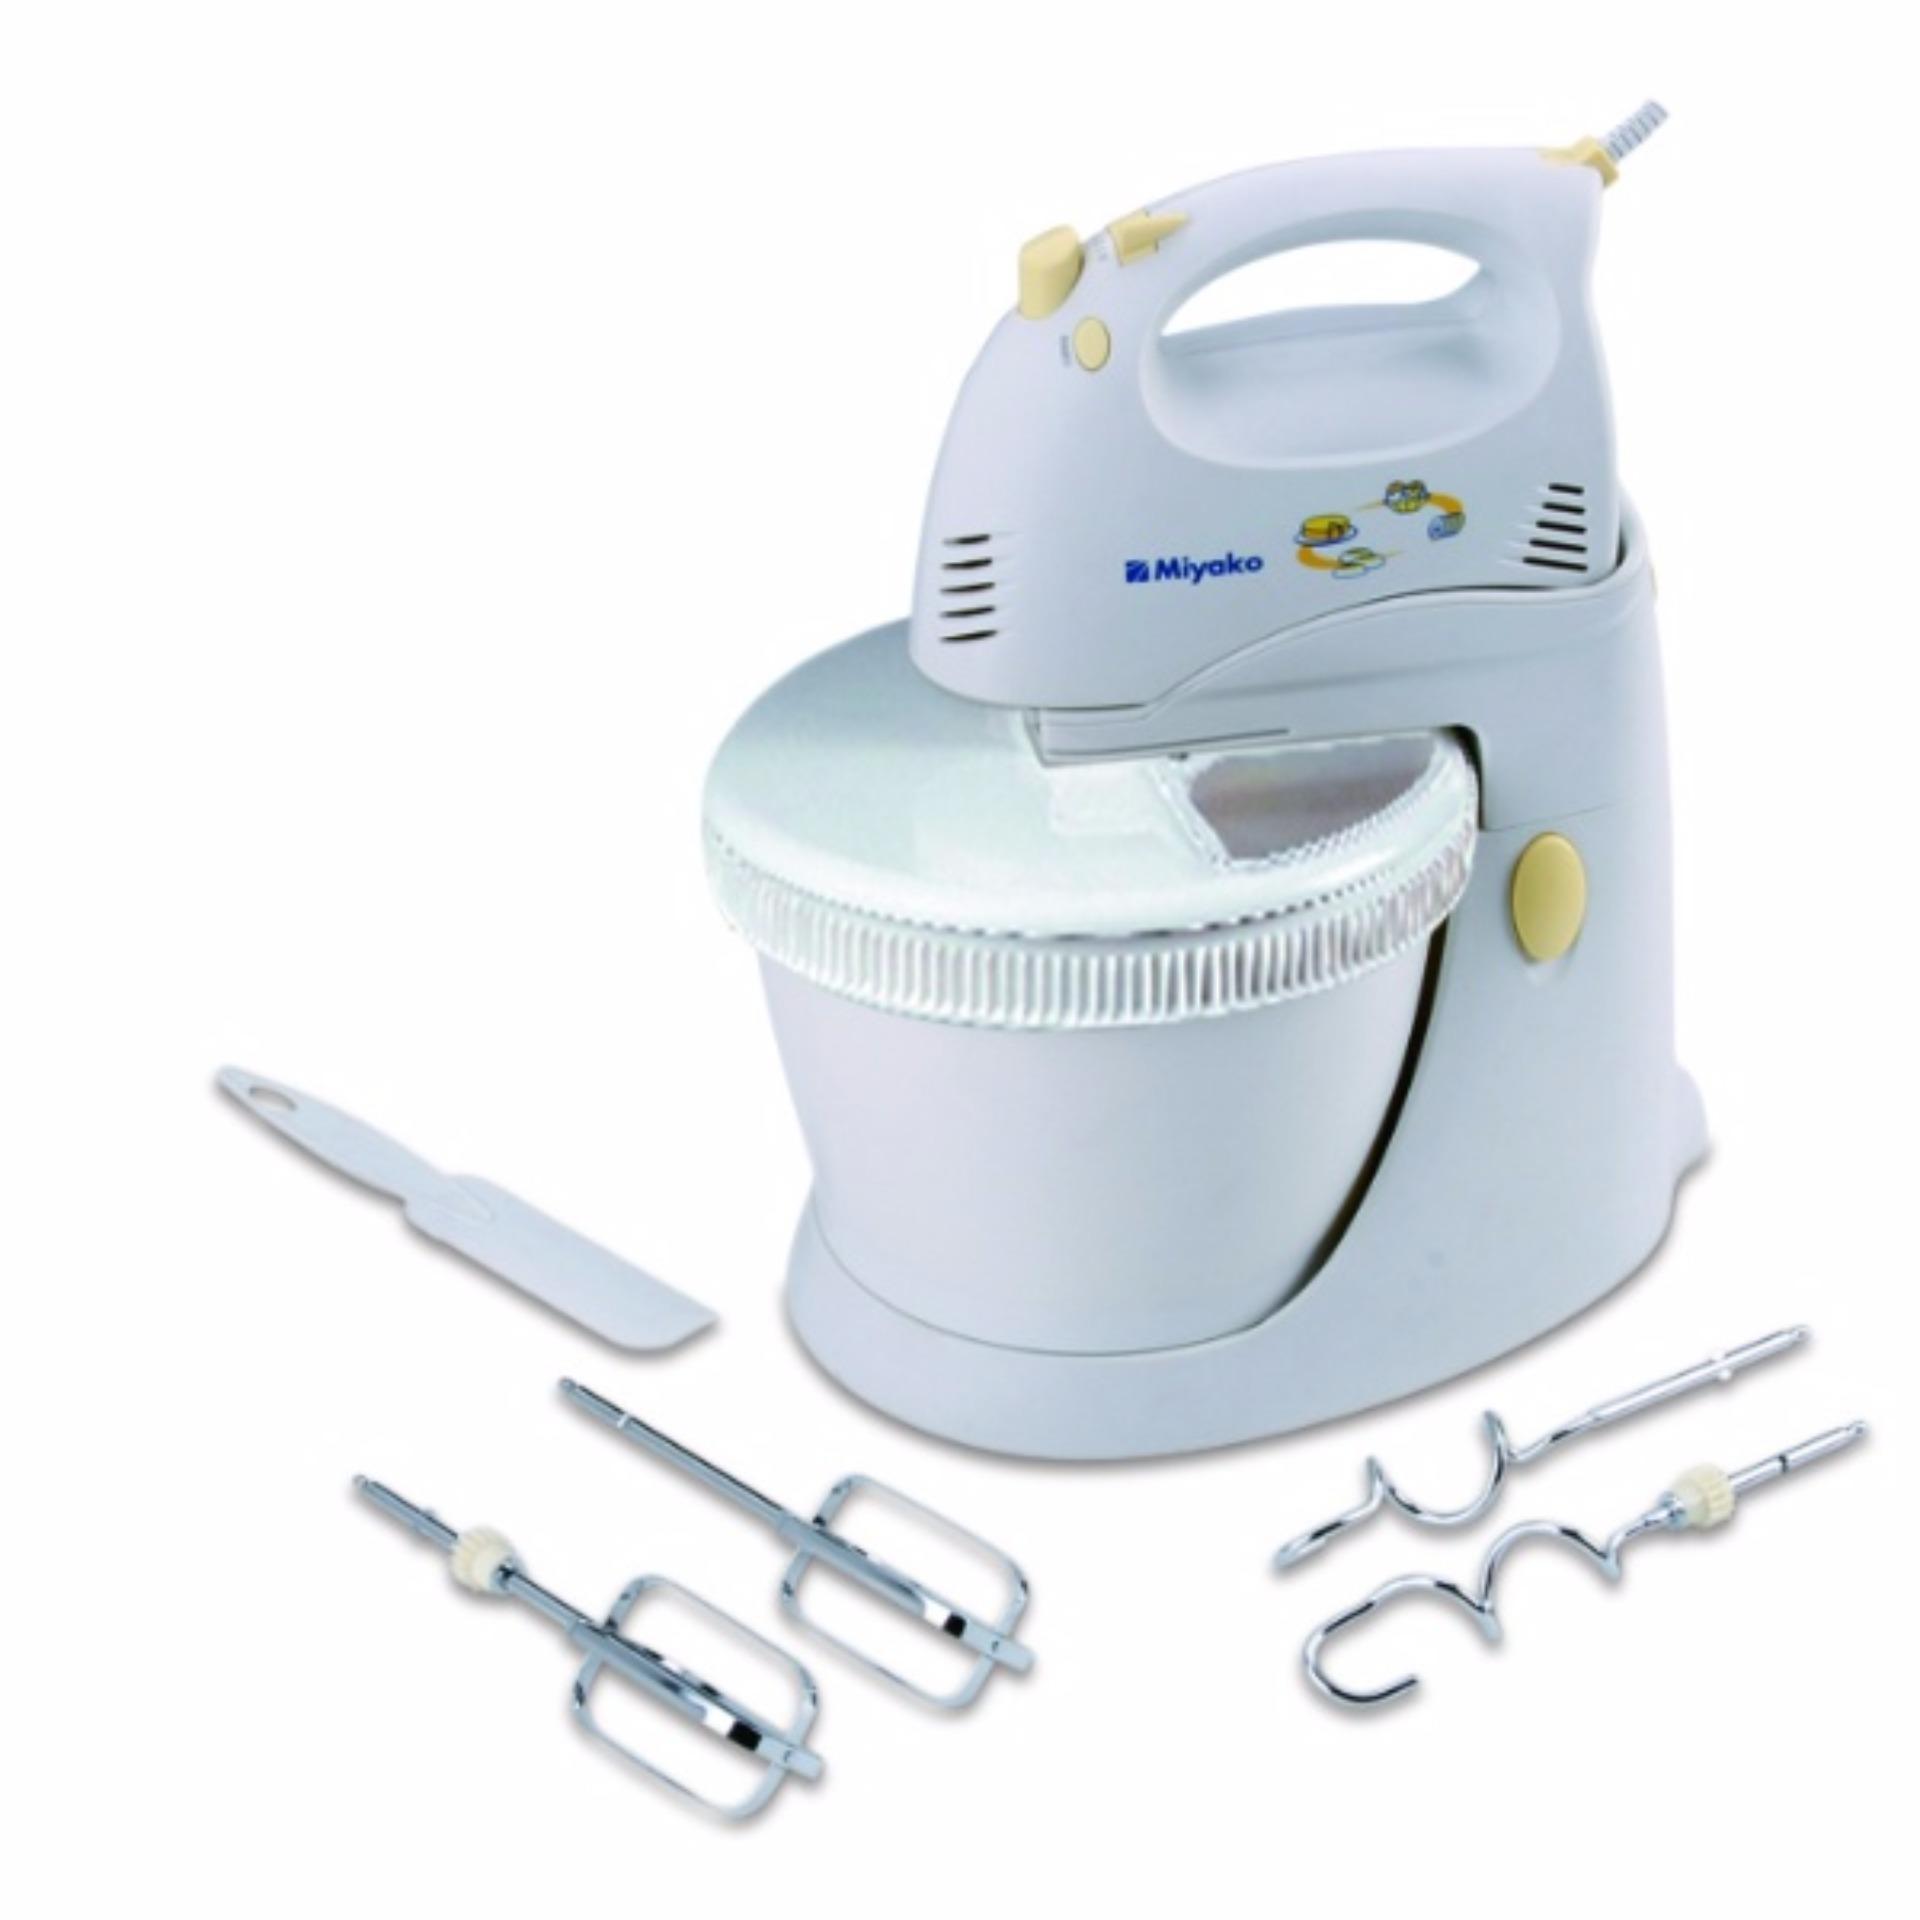 Trisonic T1505 Mixer Putih Lihat Daftar Harga Terbaru Dan Terlengkap Stand Com T 1505 Brand Miyako Sm625 35 Liter